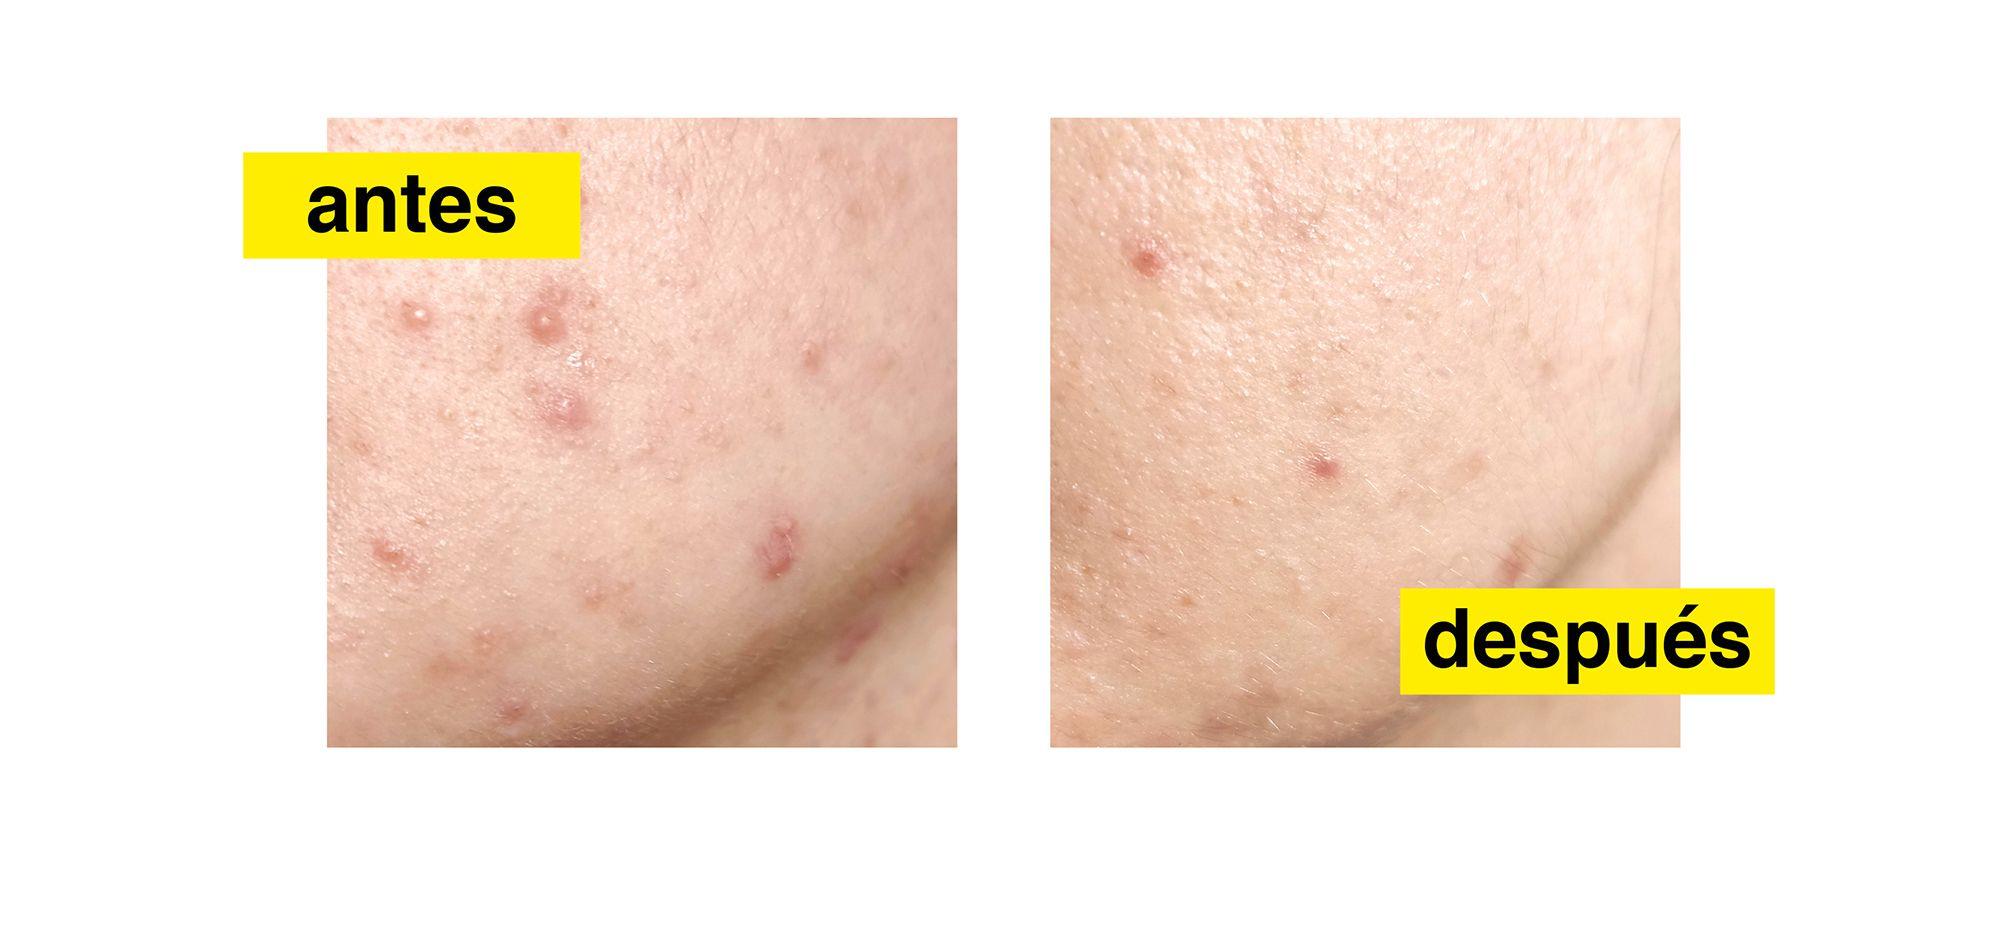 Fotografia Resultados visibles del tratamiento Acnemy